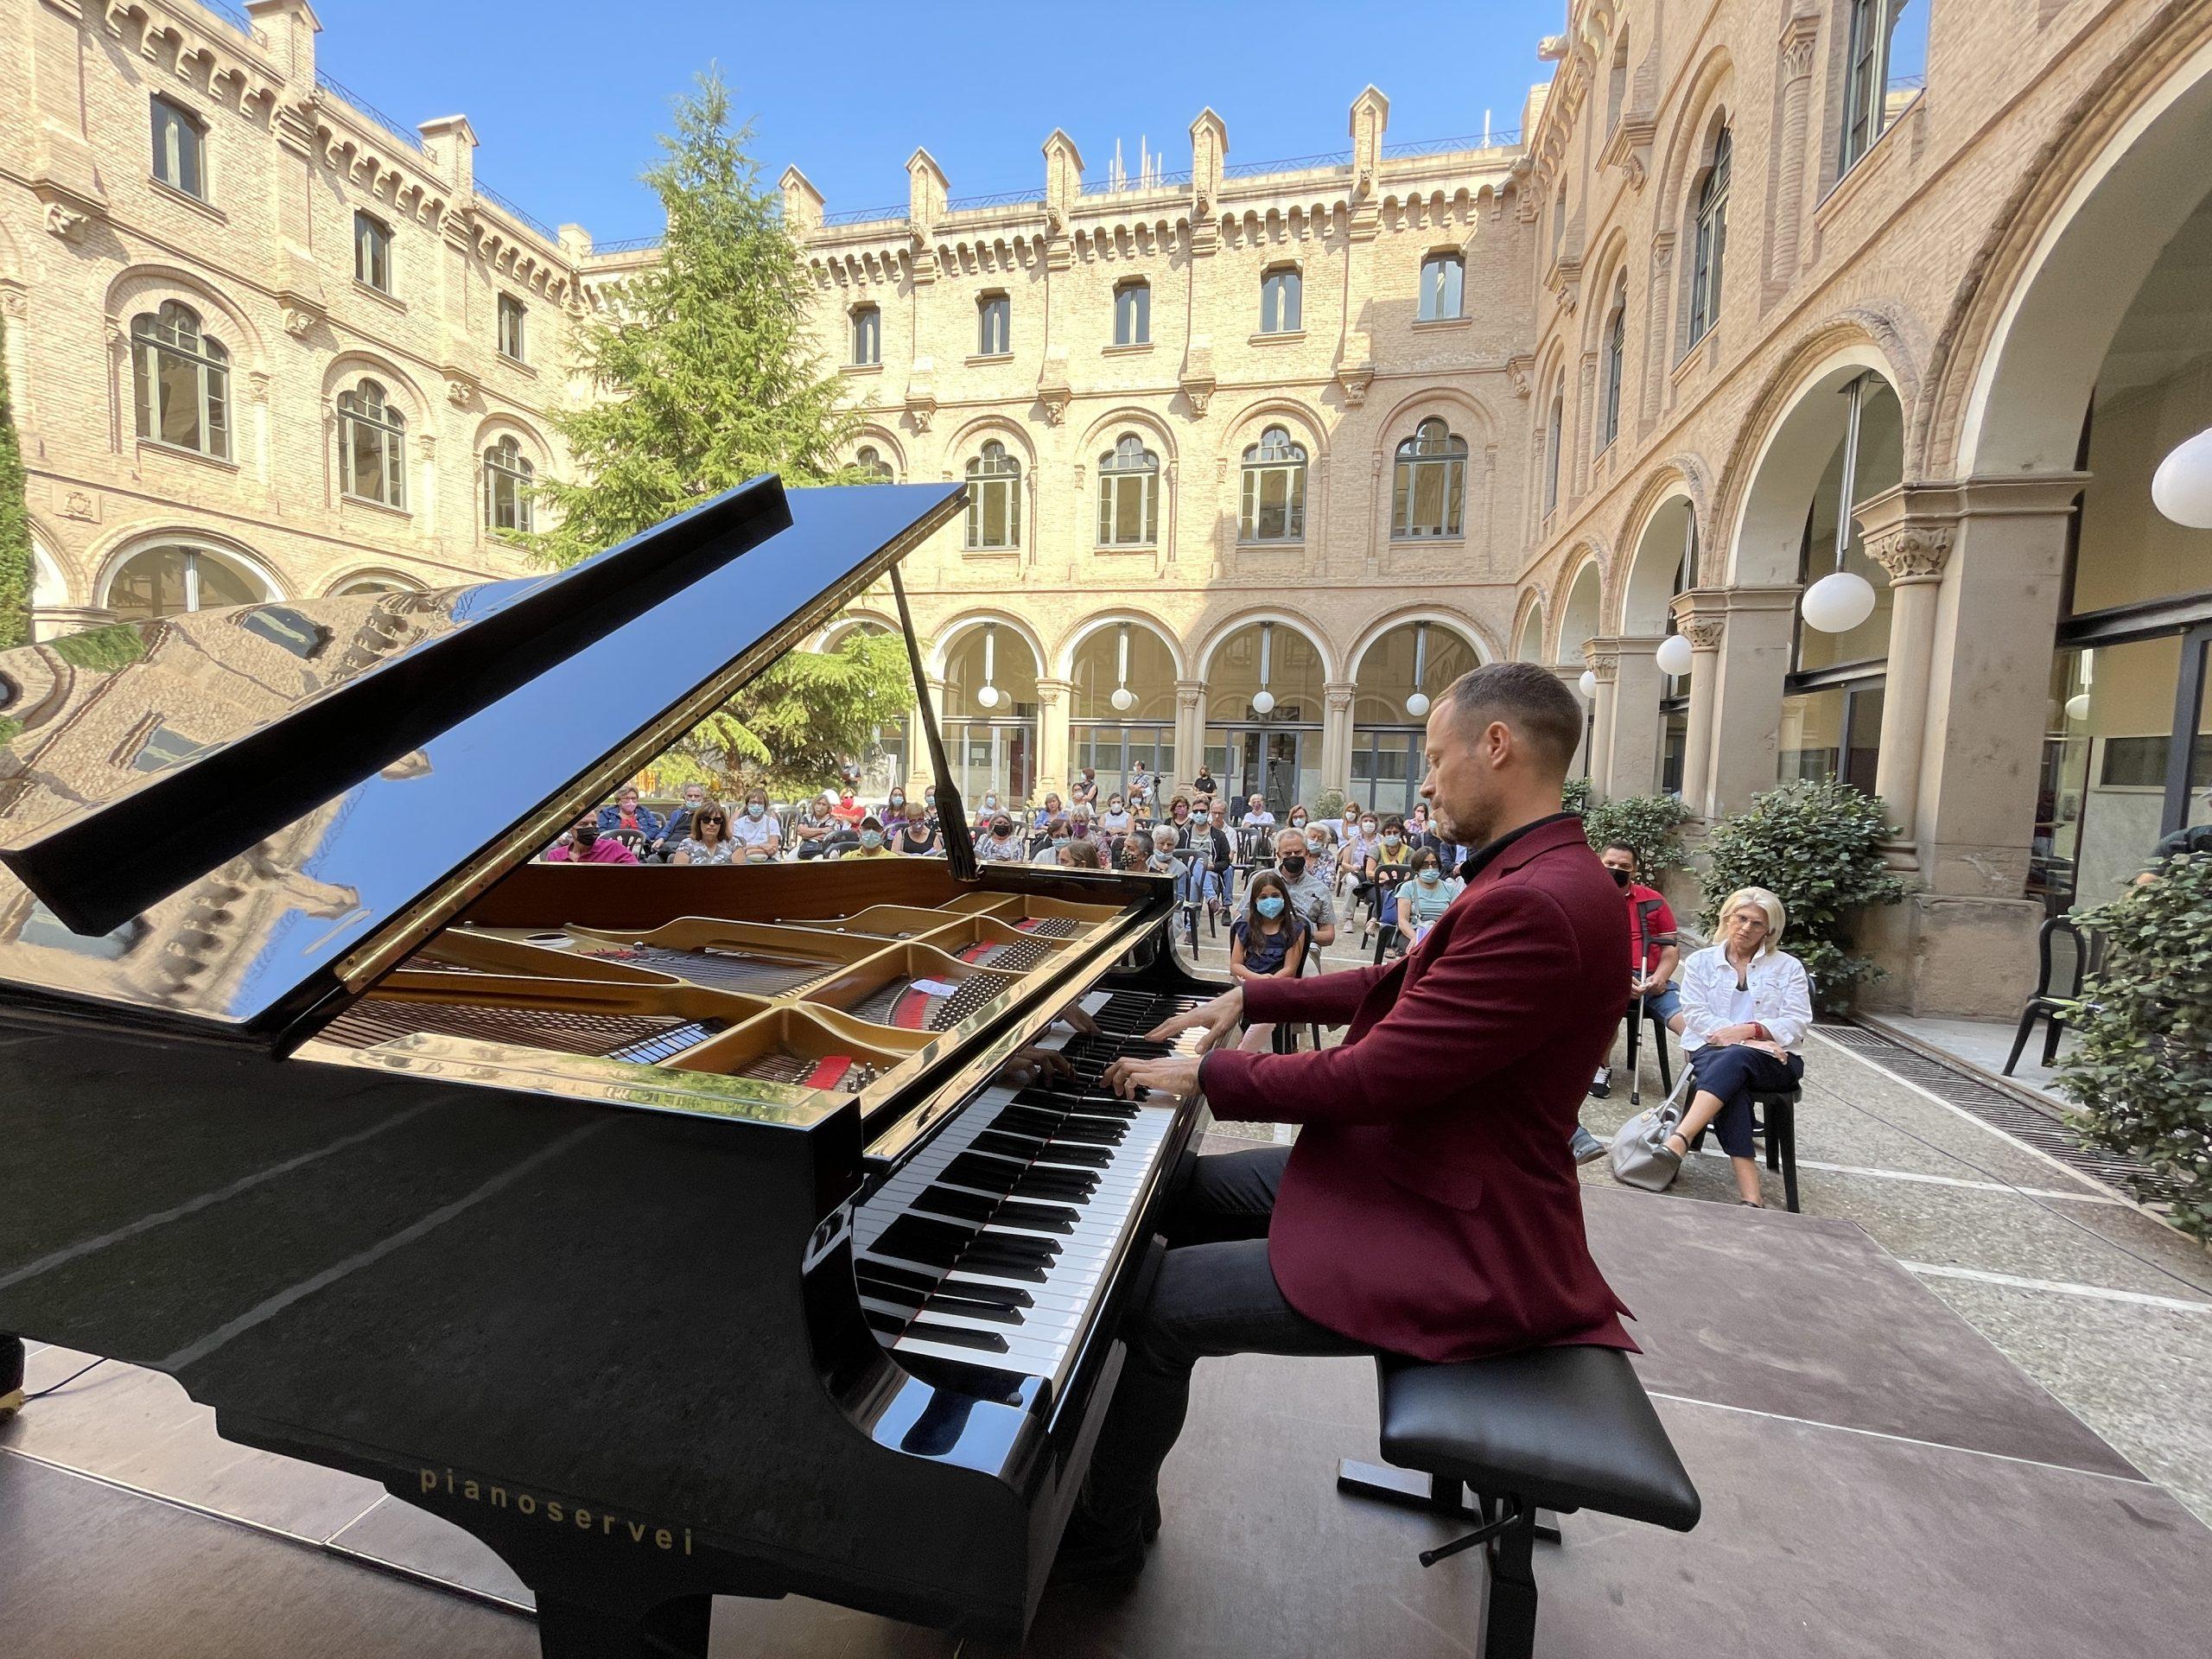 El Musiquem estén la música pels carrers de Lleida amb cinc concerts durant la jornada central de dissabte